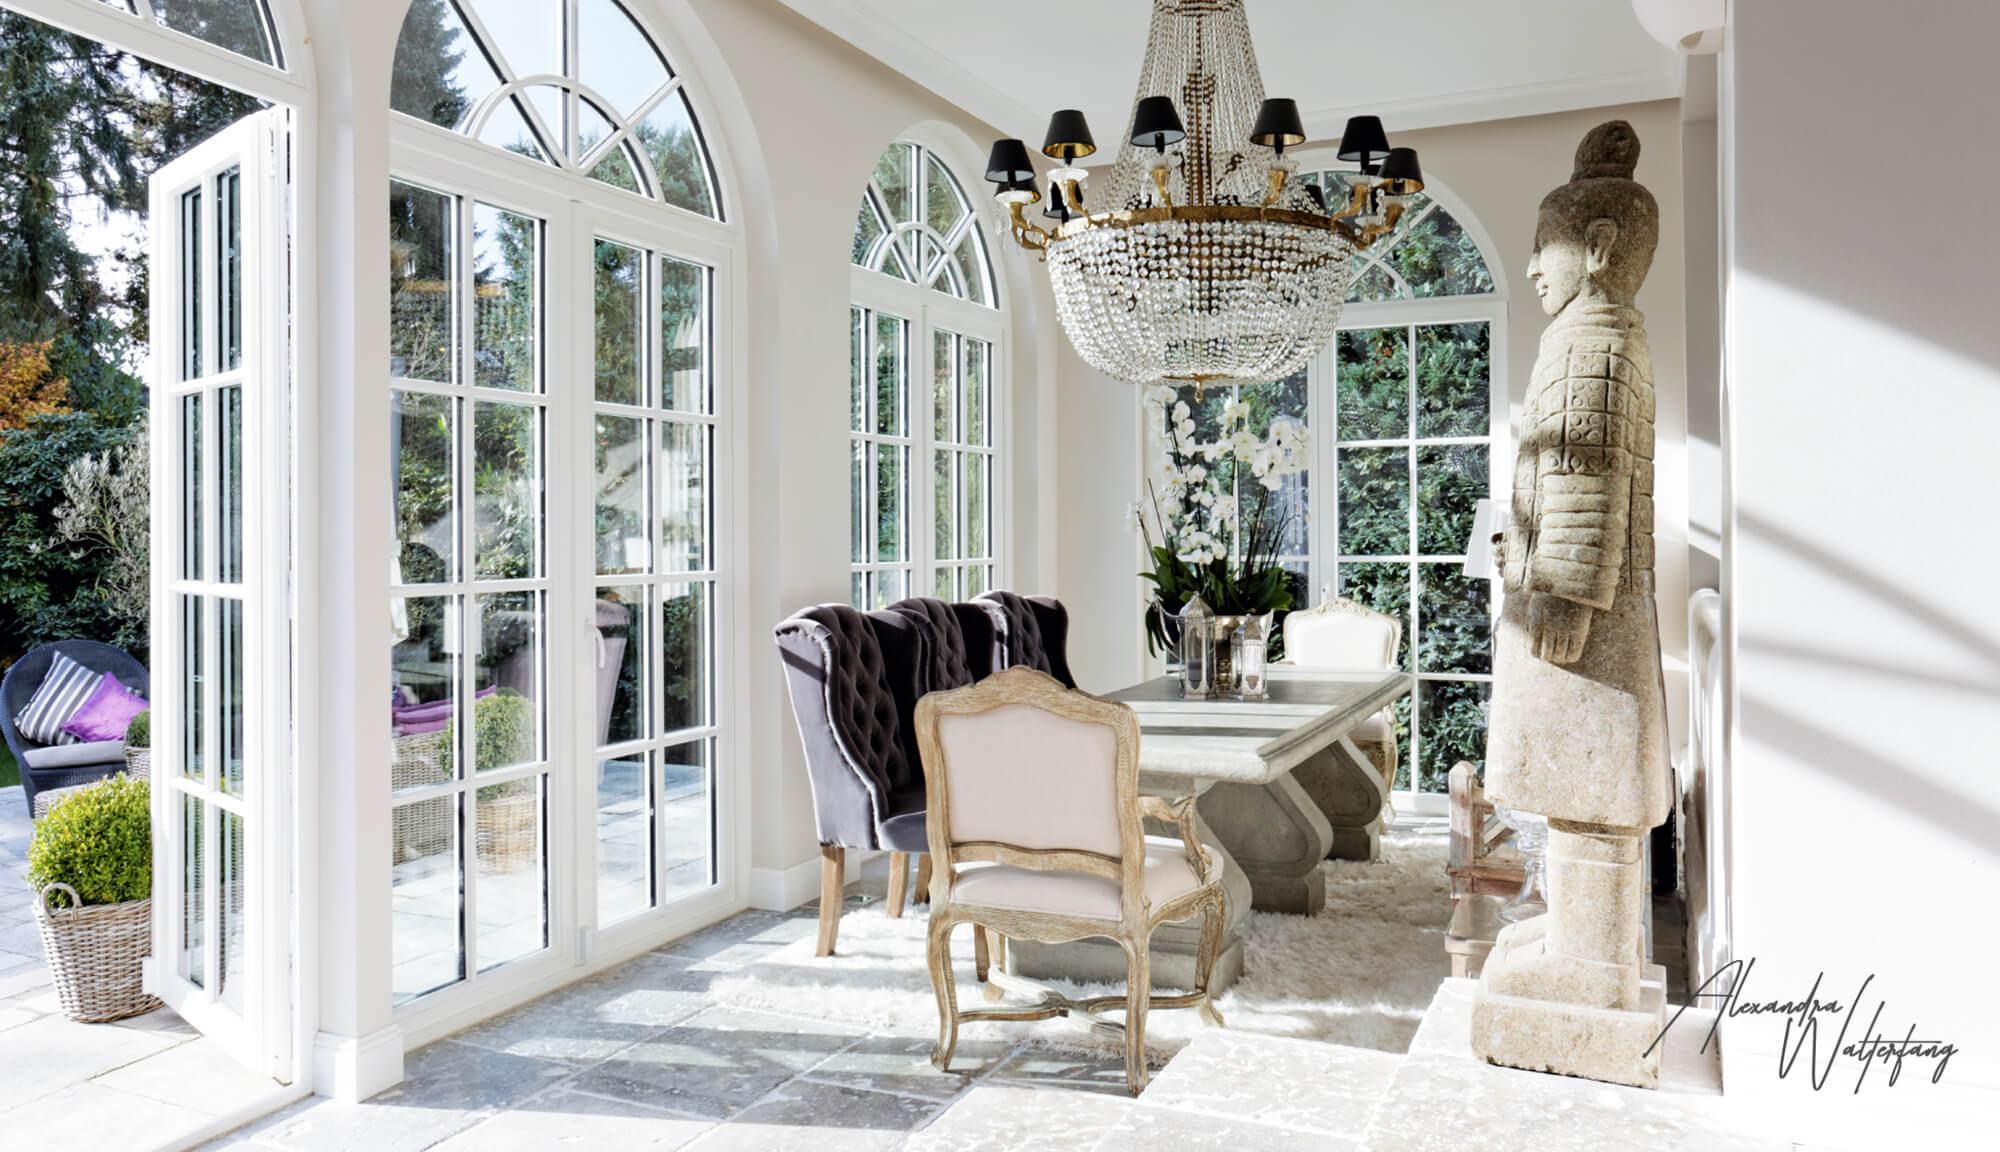 02.Bruma Immobilien Alexandra Walterfang Creative Home Design.jpg